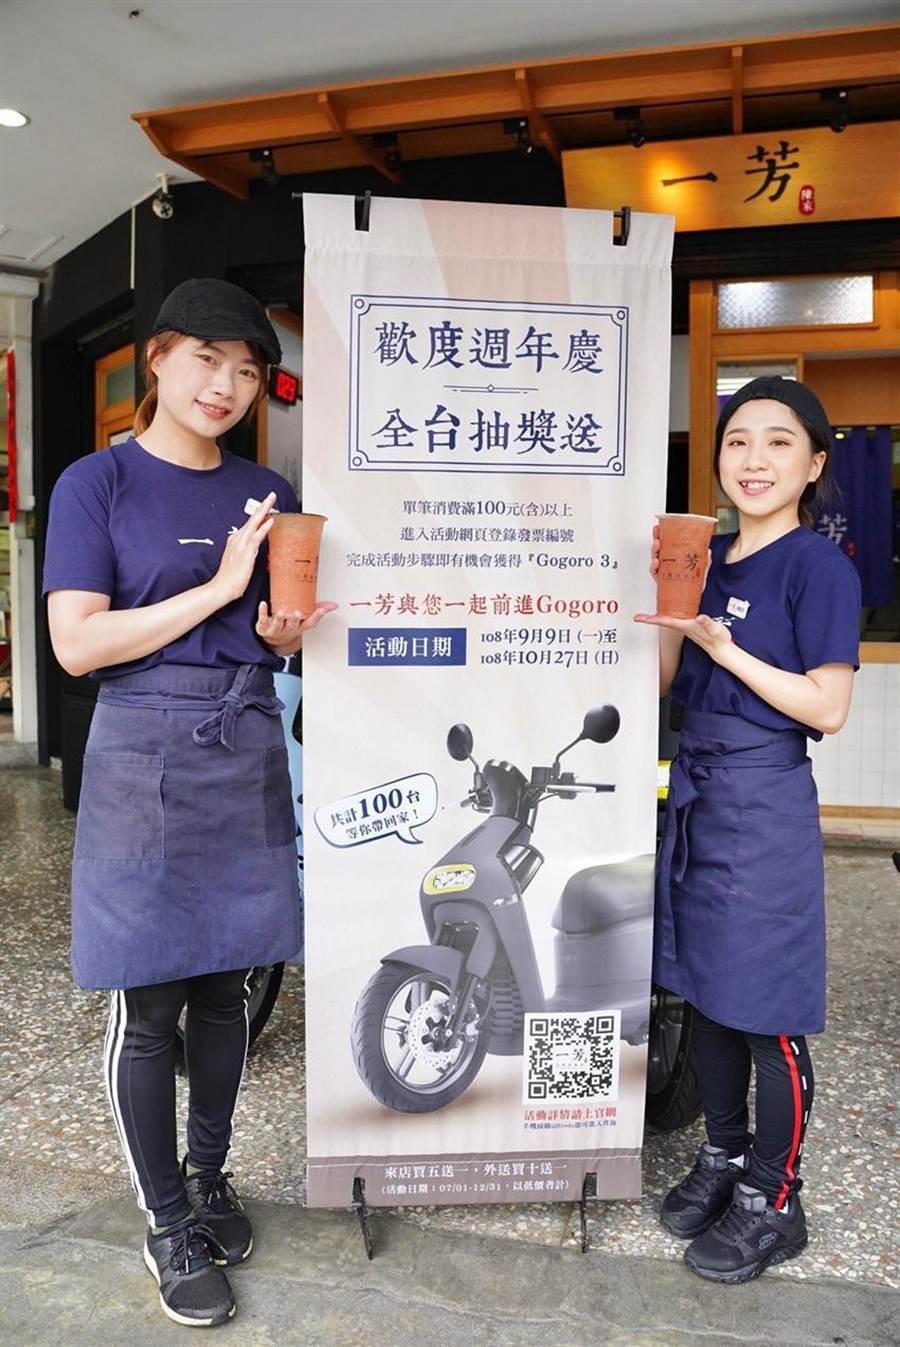 墨力国际台湾总经理廖丽霞表示,一芳水果茶9/9起连续7周将抽出100台电动机车。(图一芳水果茶提供/曾丽芳传真)